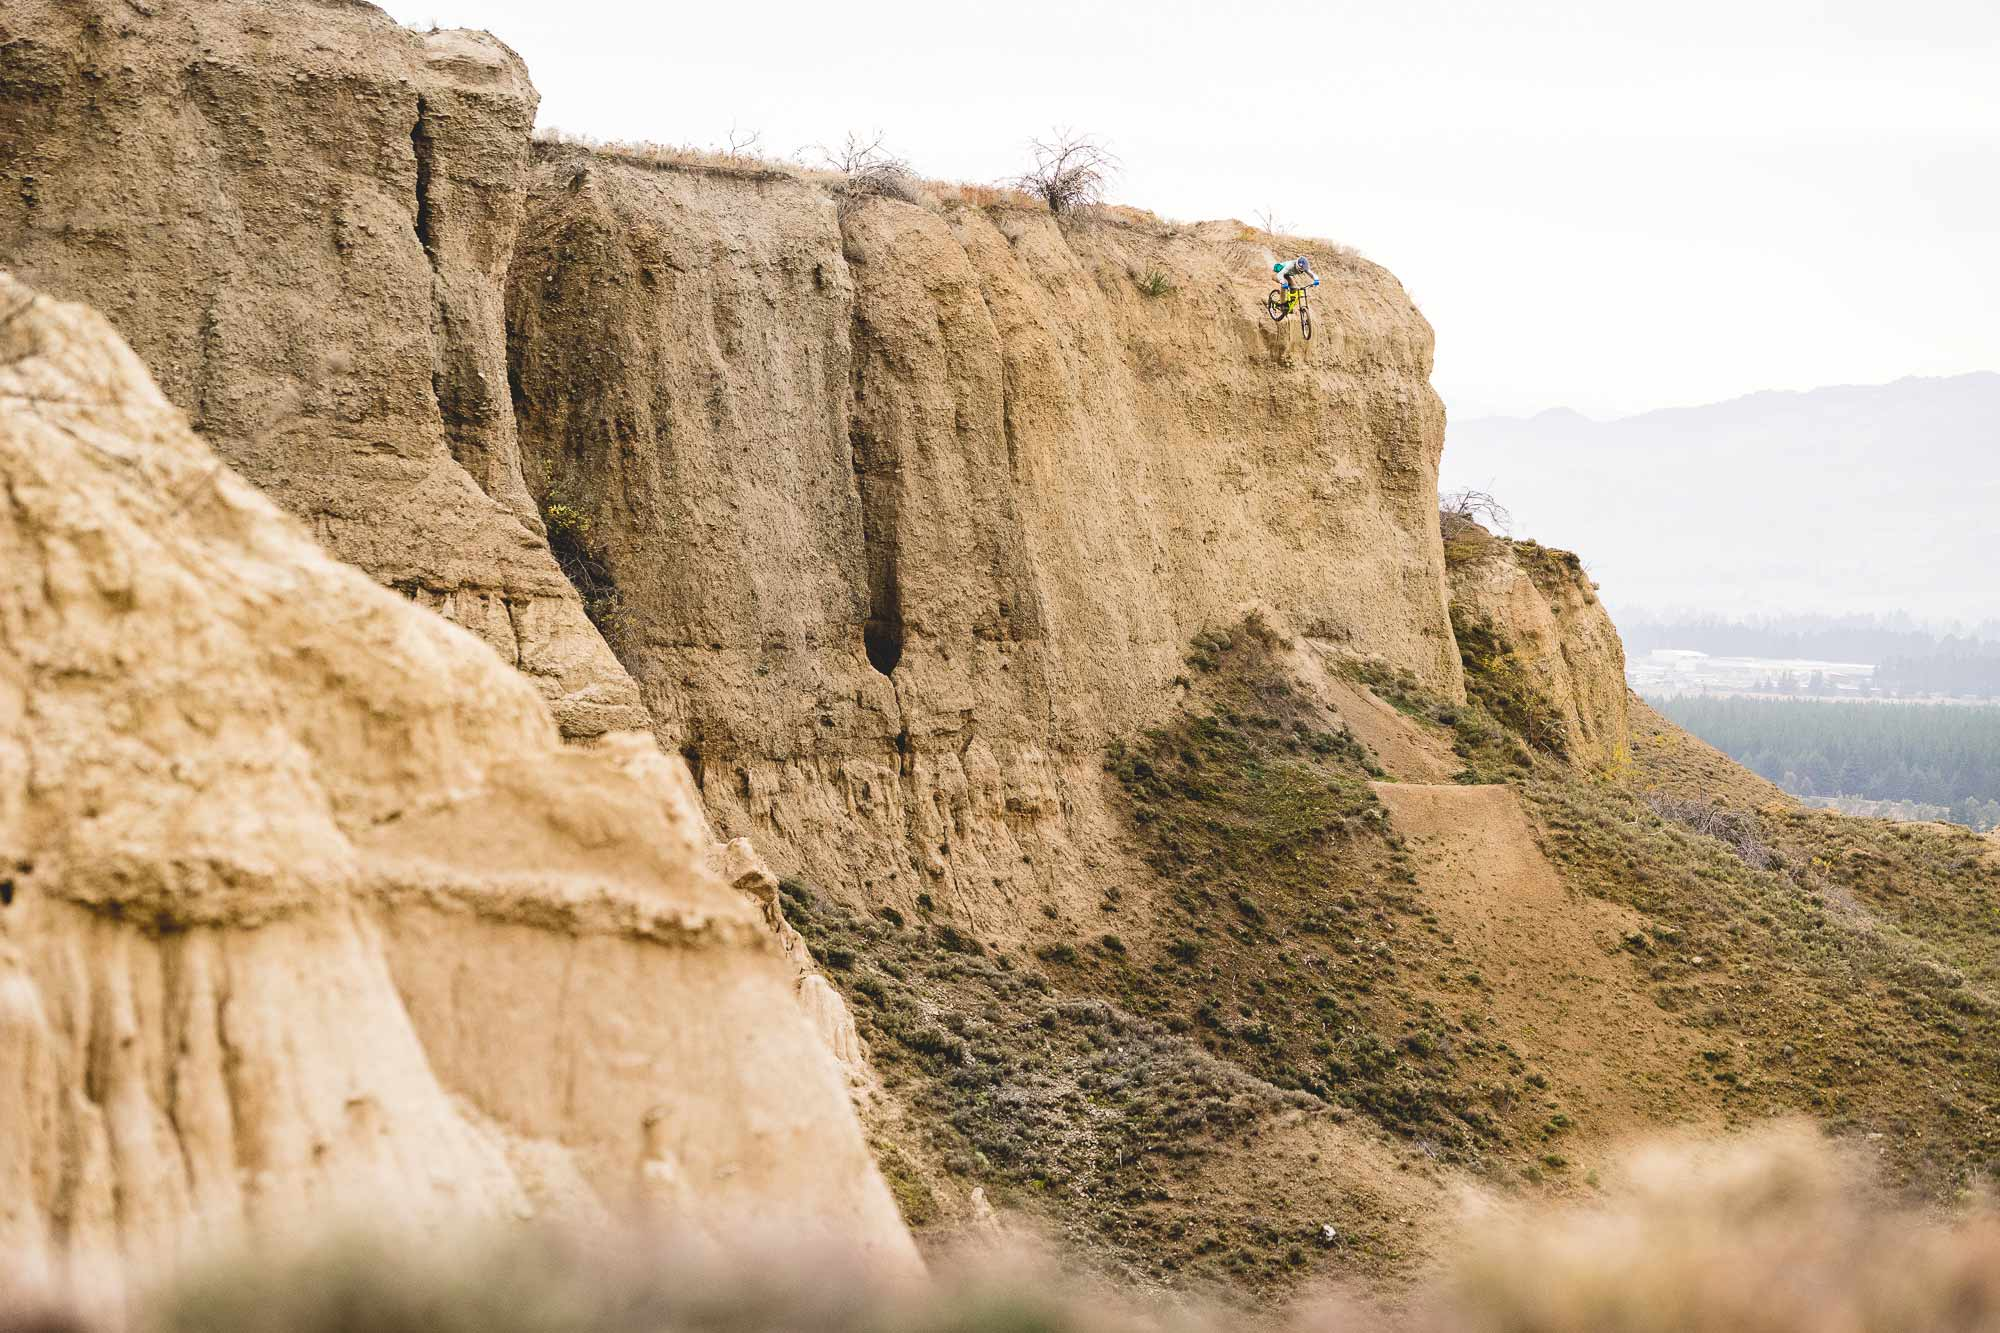 Mountain biker Conor macfarlane huge cliff drop in New Zealand